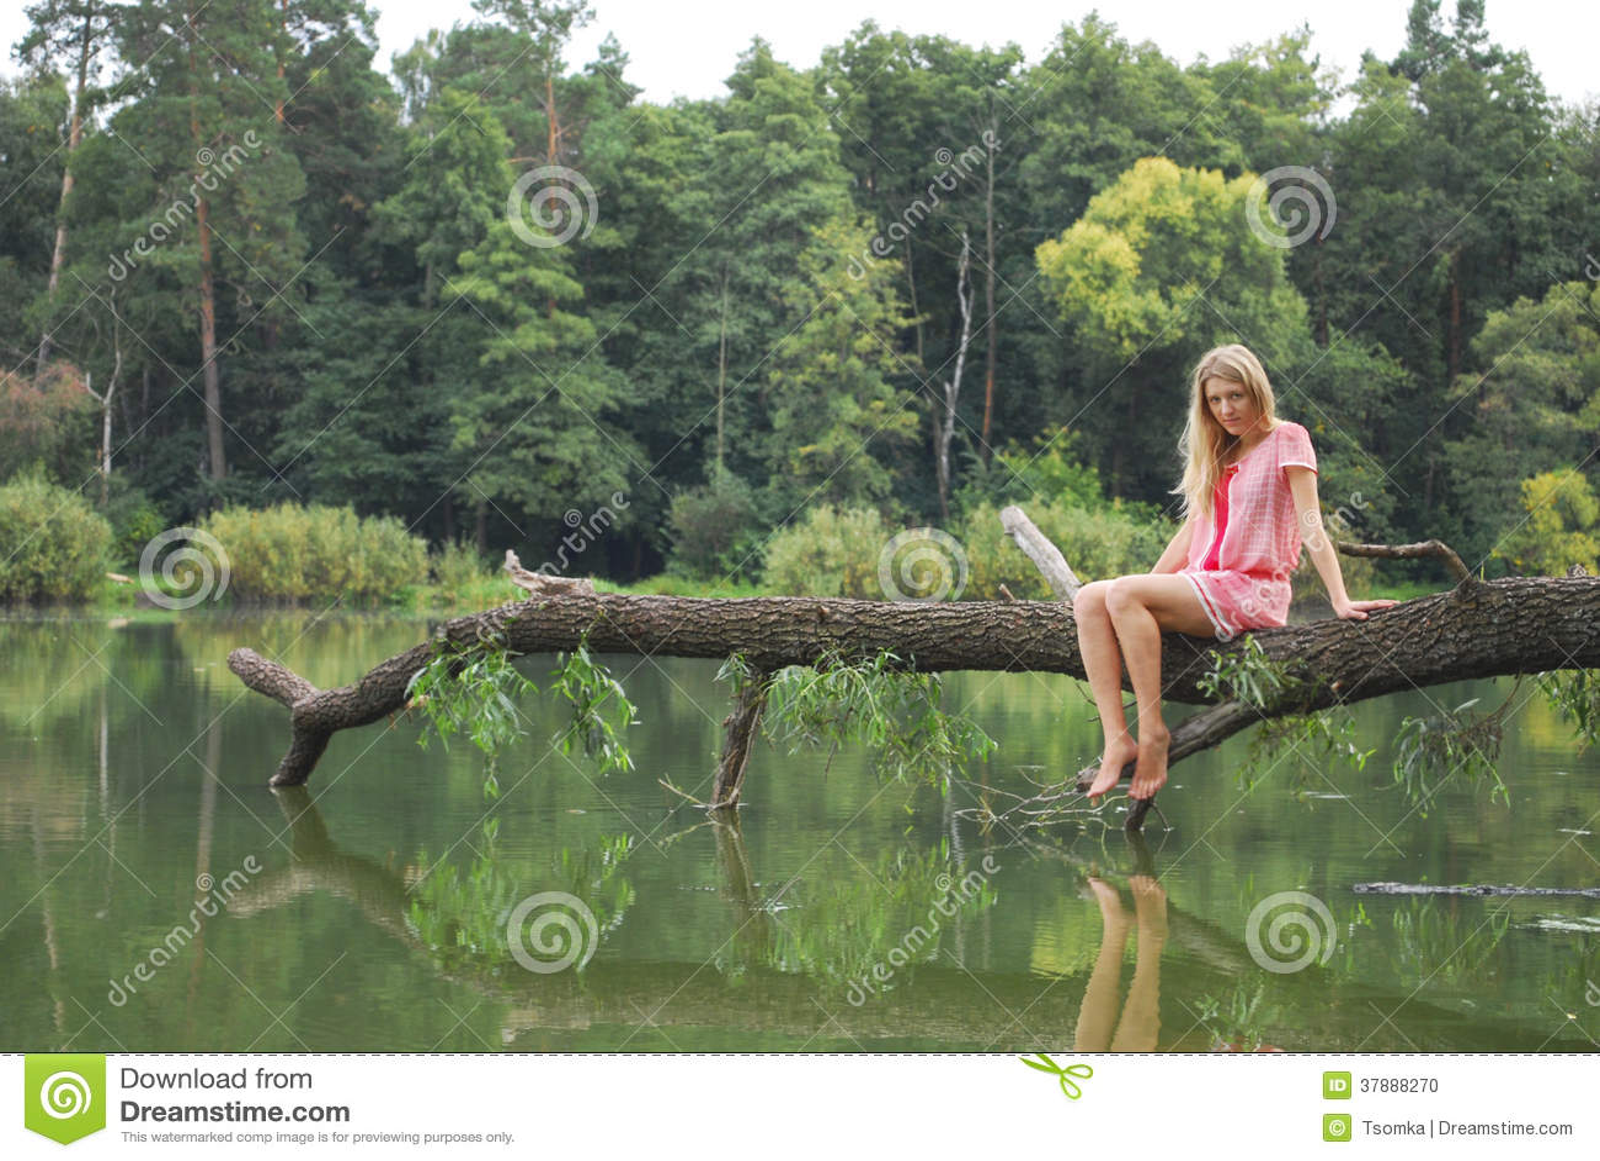 Meisjeszitting op de kust van het meer op de boom.